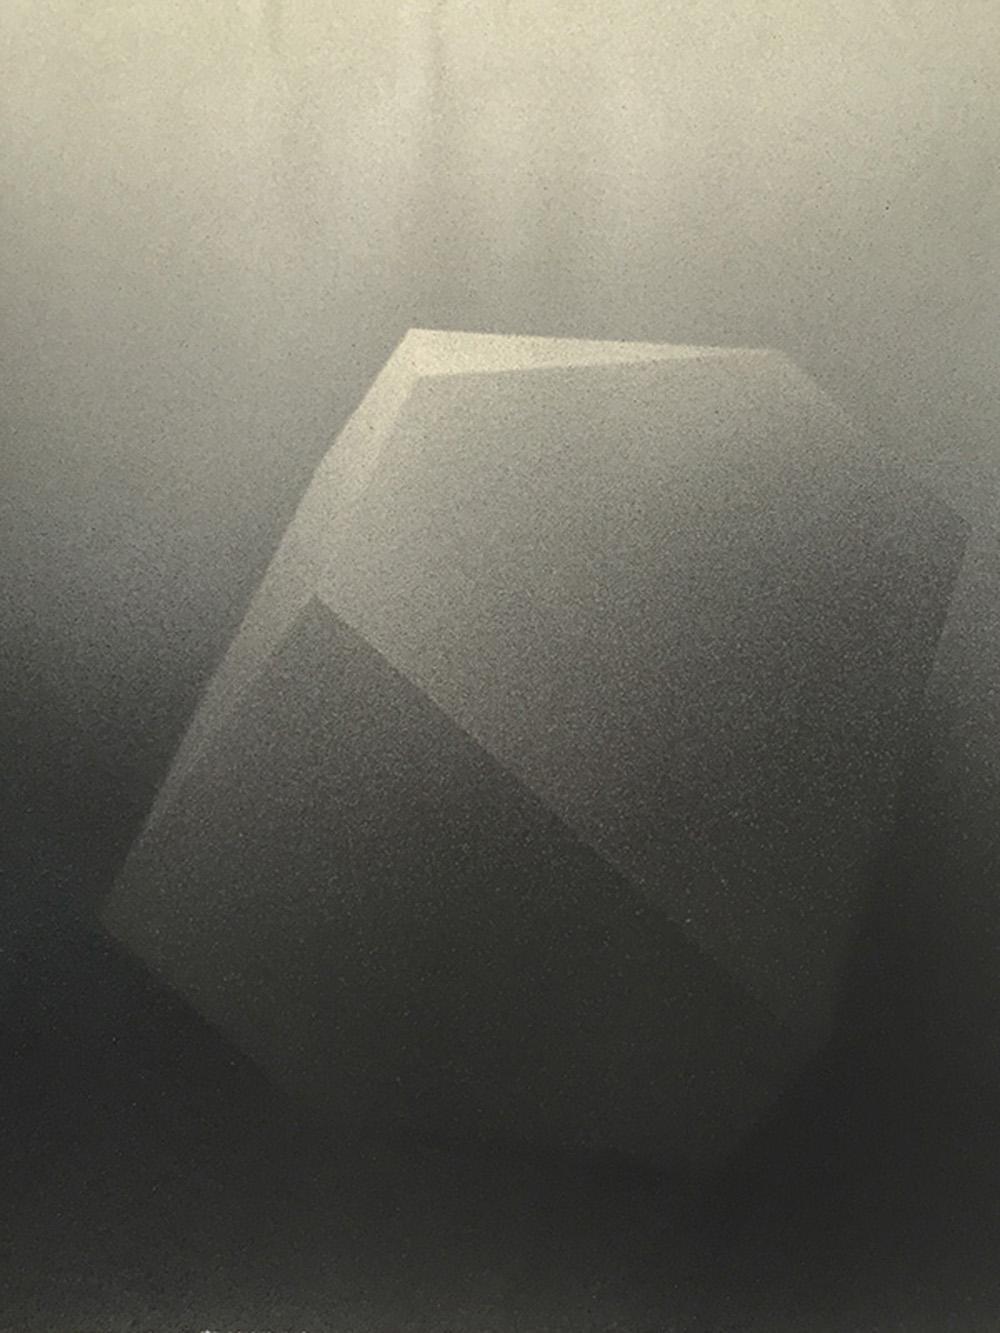 Senza titolo, 2016, tempera e inchiostro su carta montata su tela, cm 49,7x42